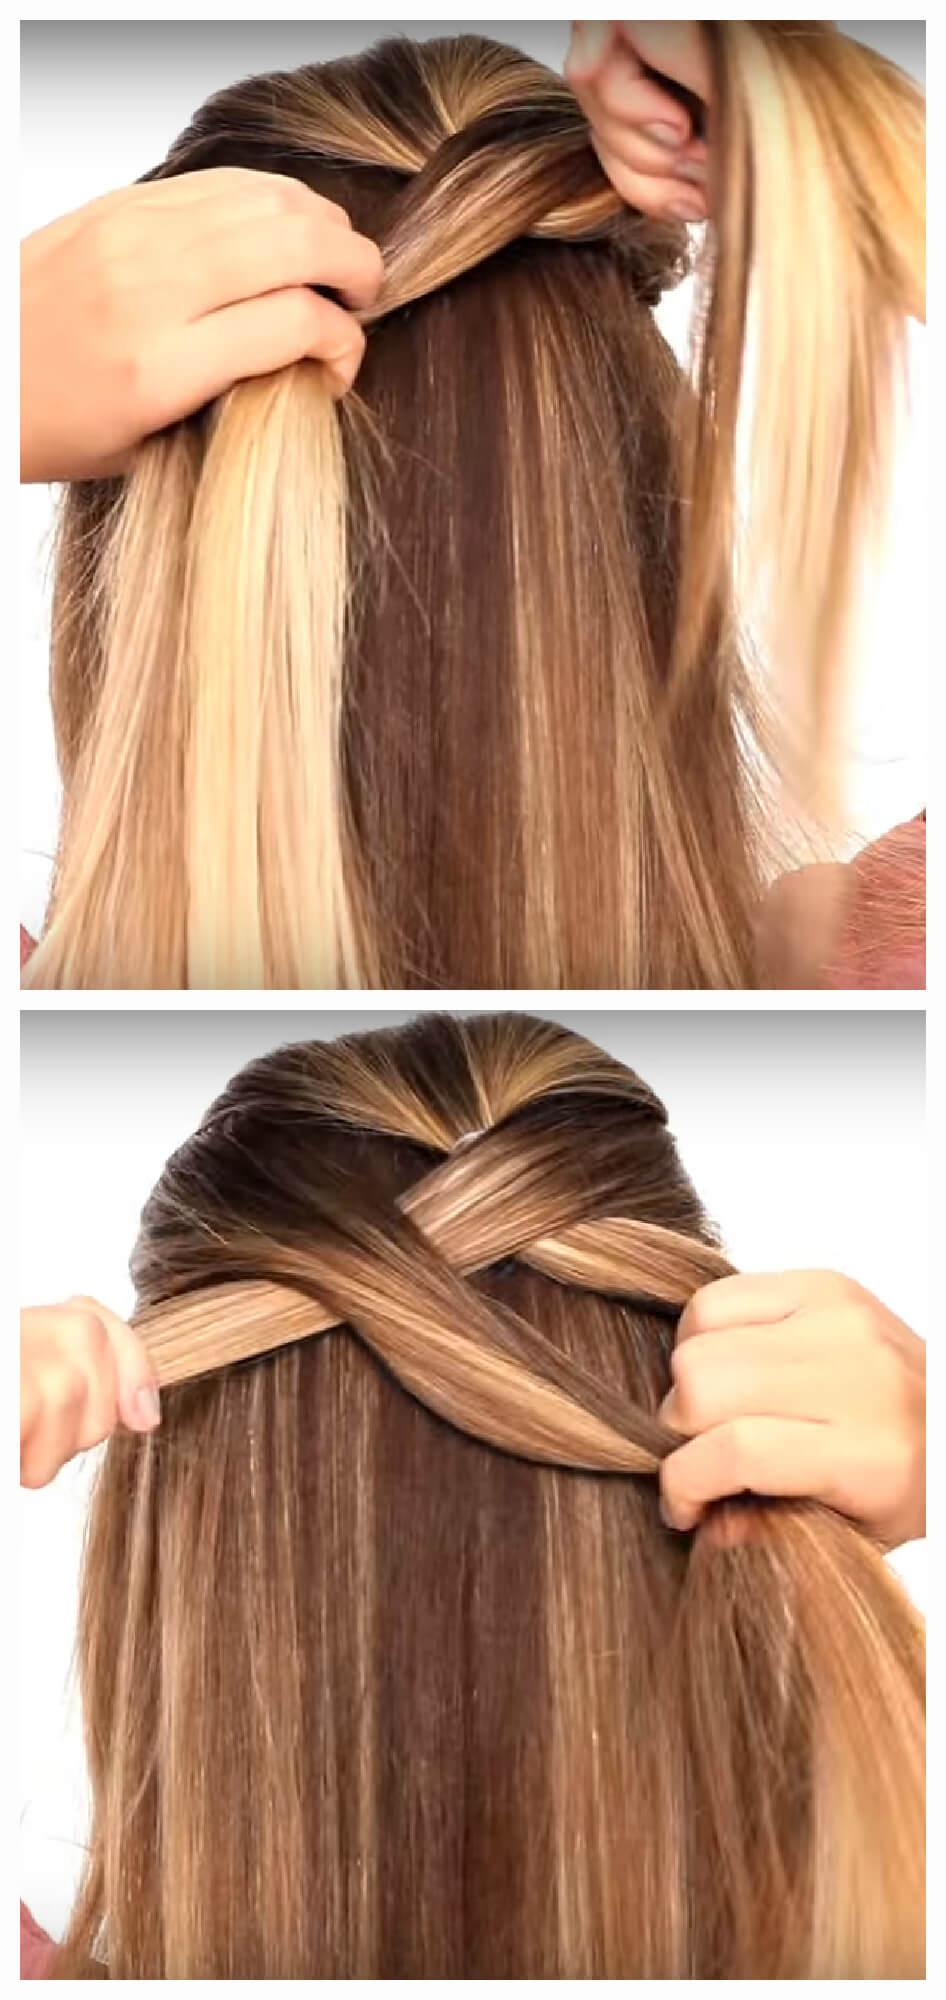 Плетем косы сами себе пошаговые фото